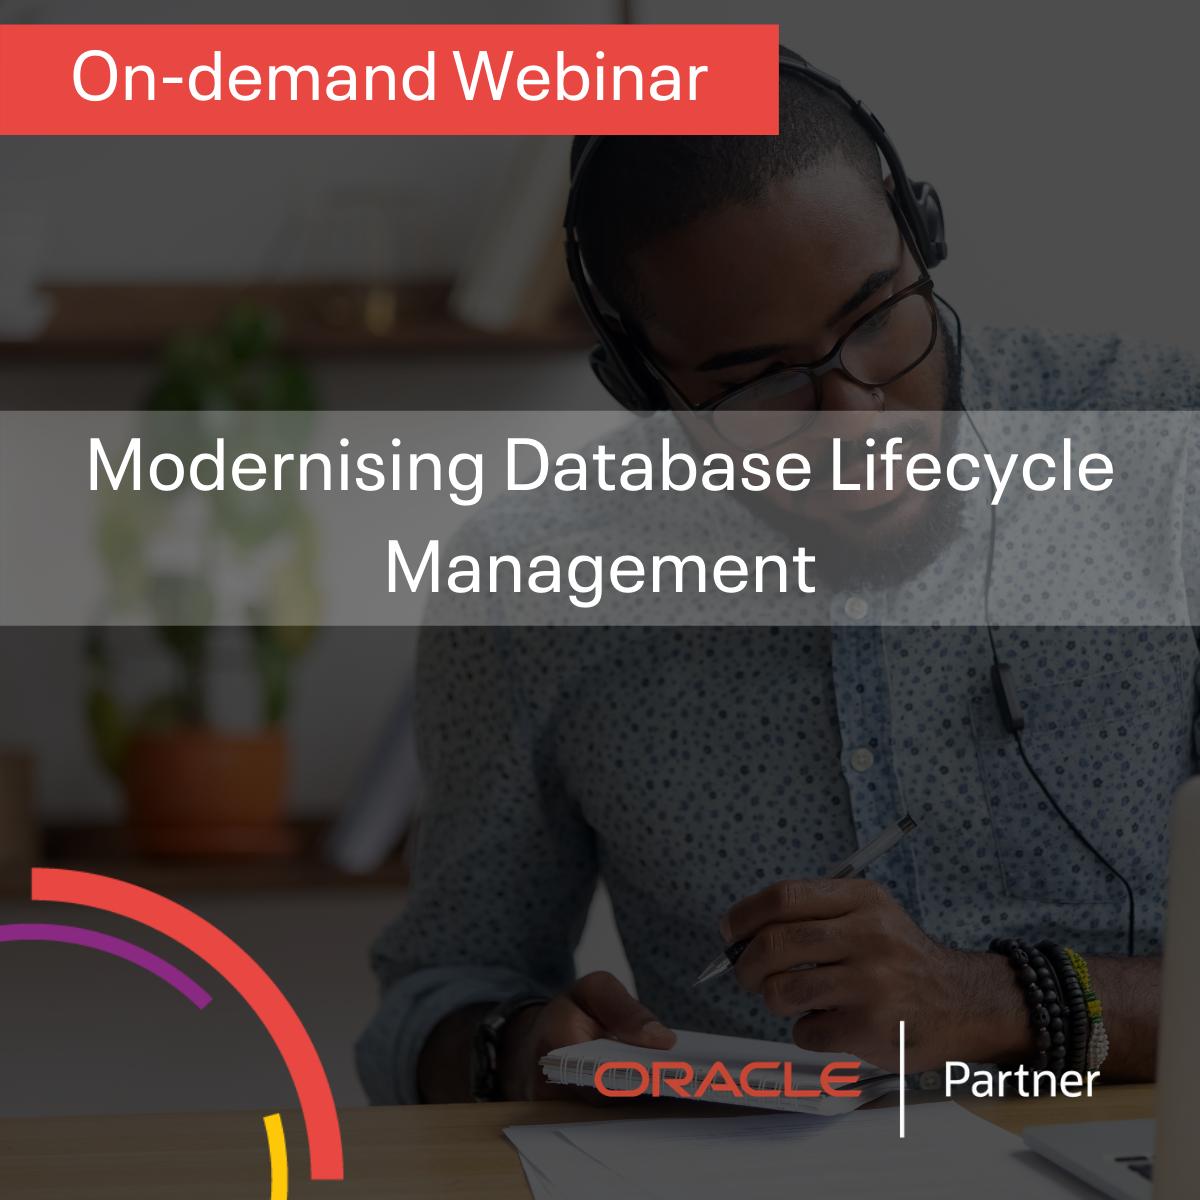 Modernising Database Lifecycle Management